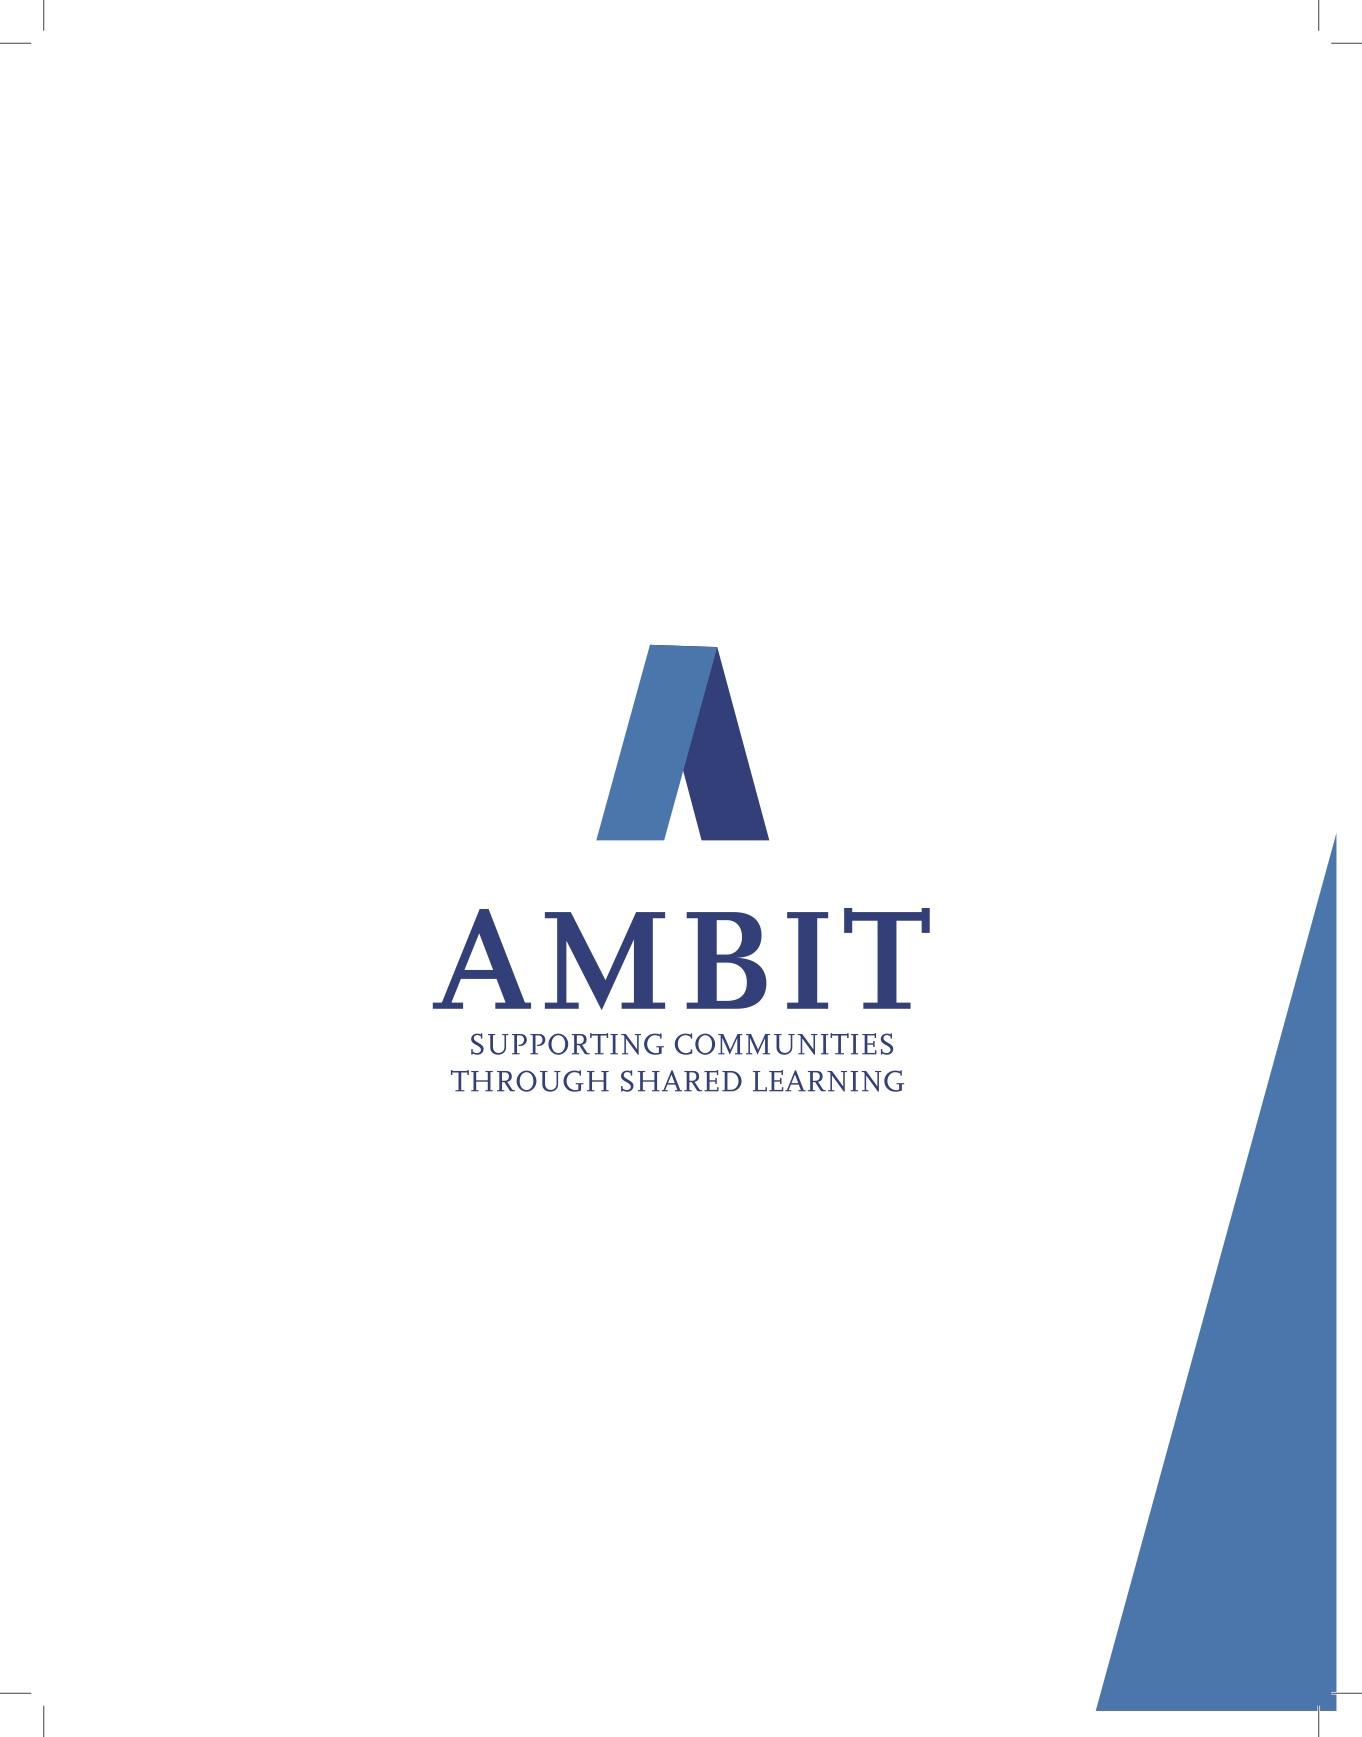 AMBIT 2017 Bios 7